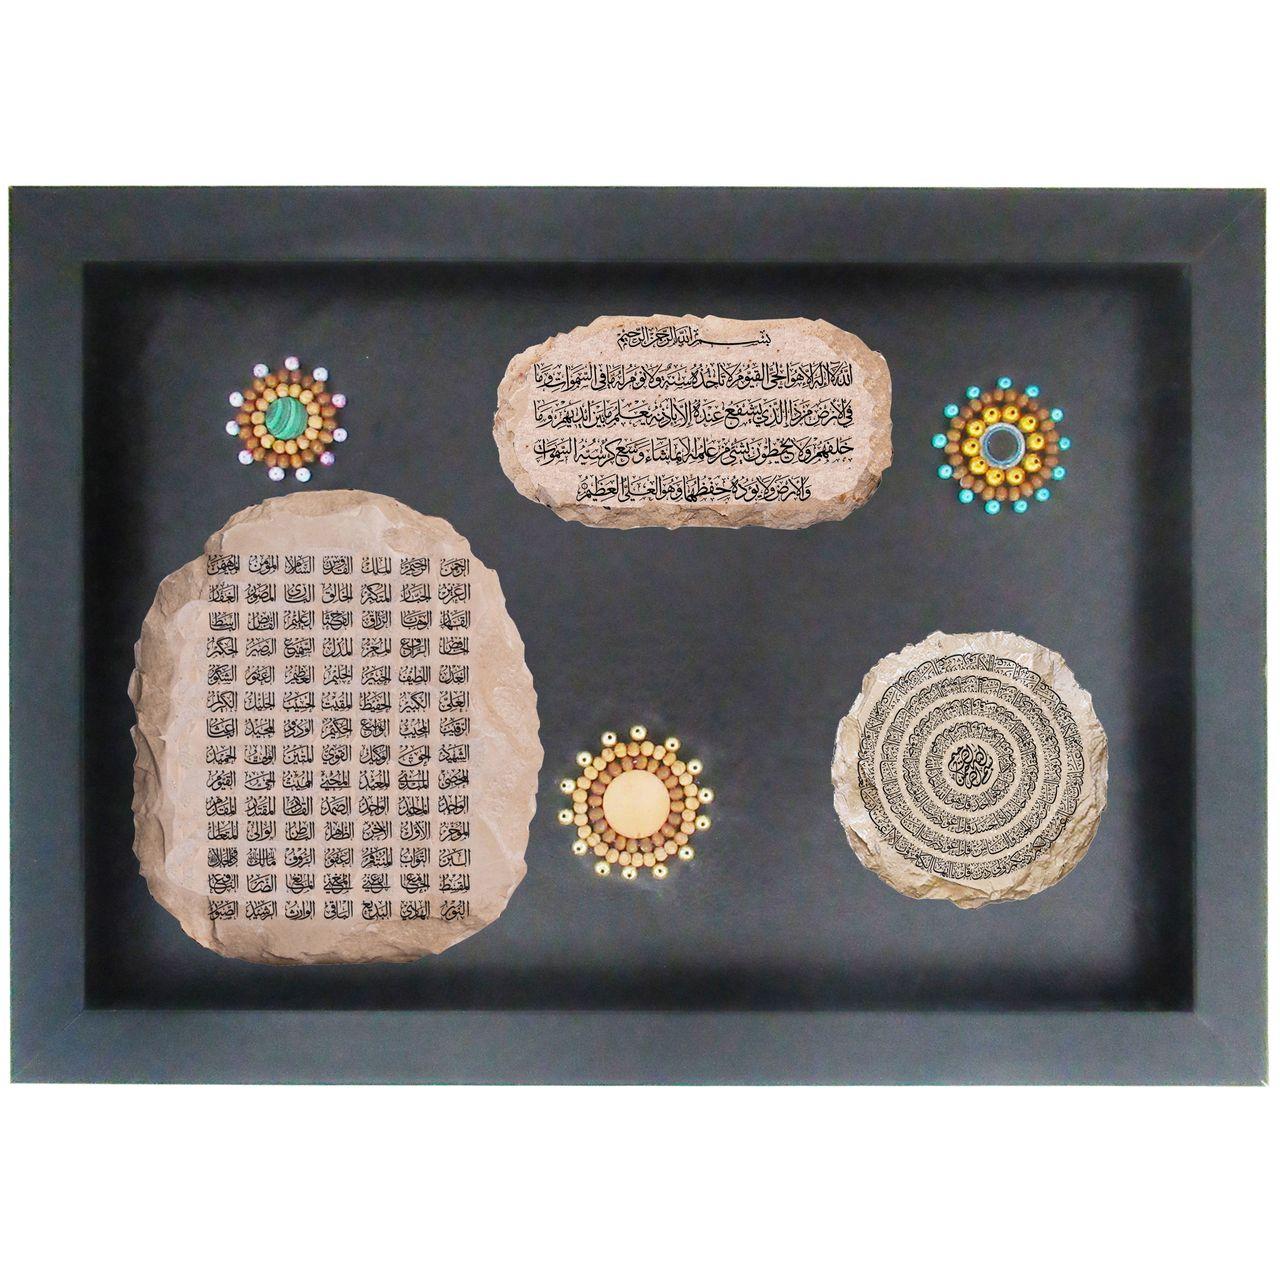 تابلو سنگ طرح اسما الحسنی و چهار قل و آیت الکرسی کد TN014